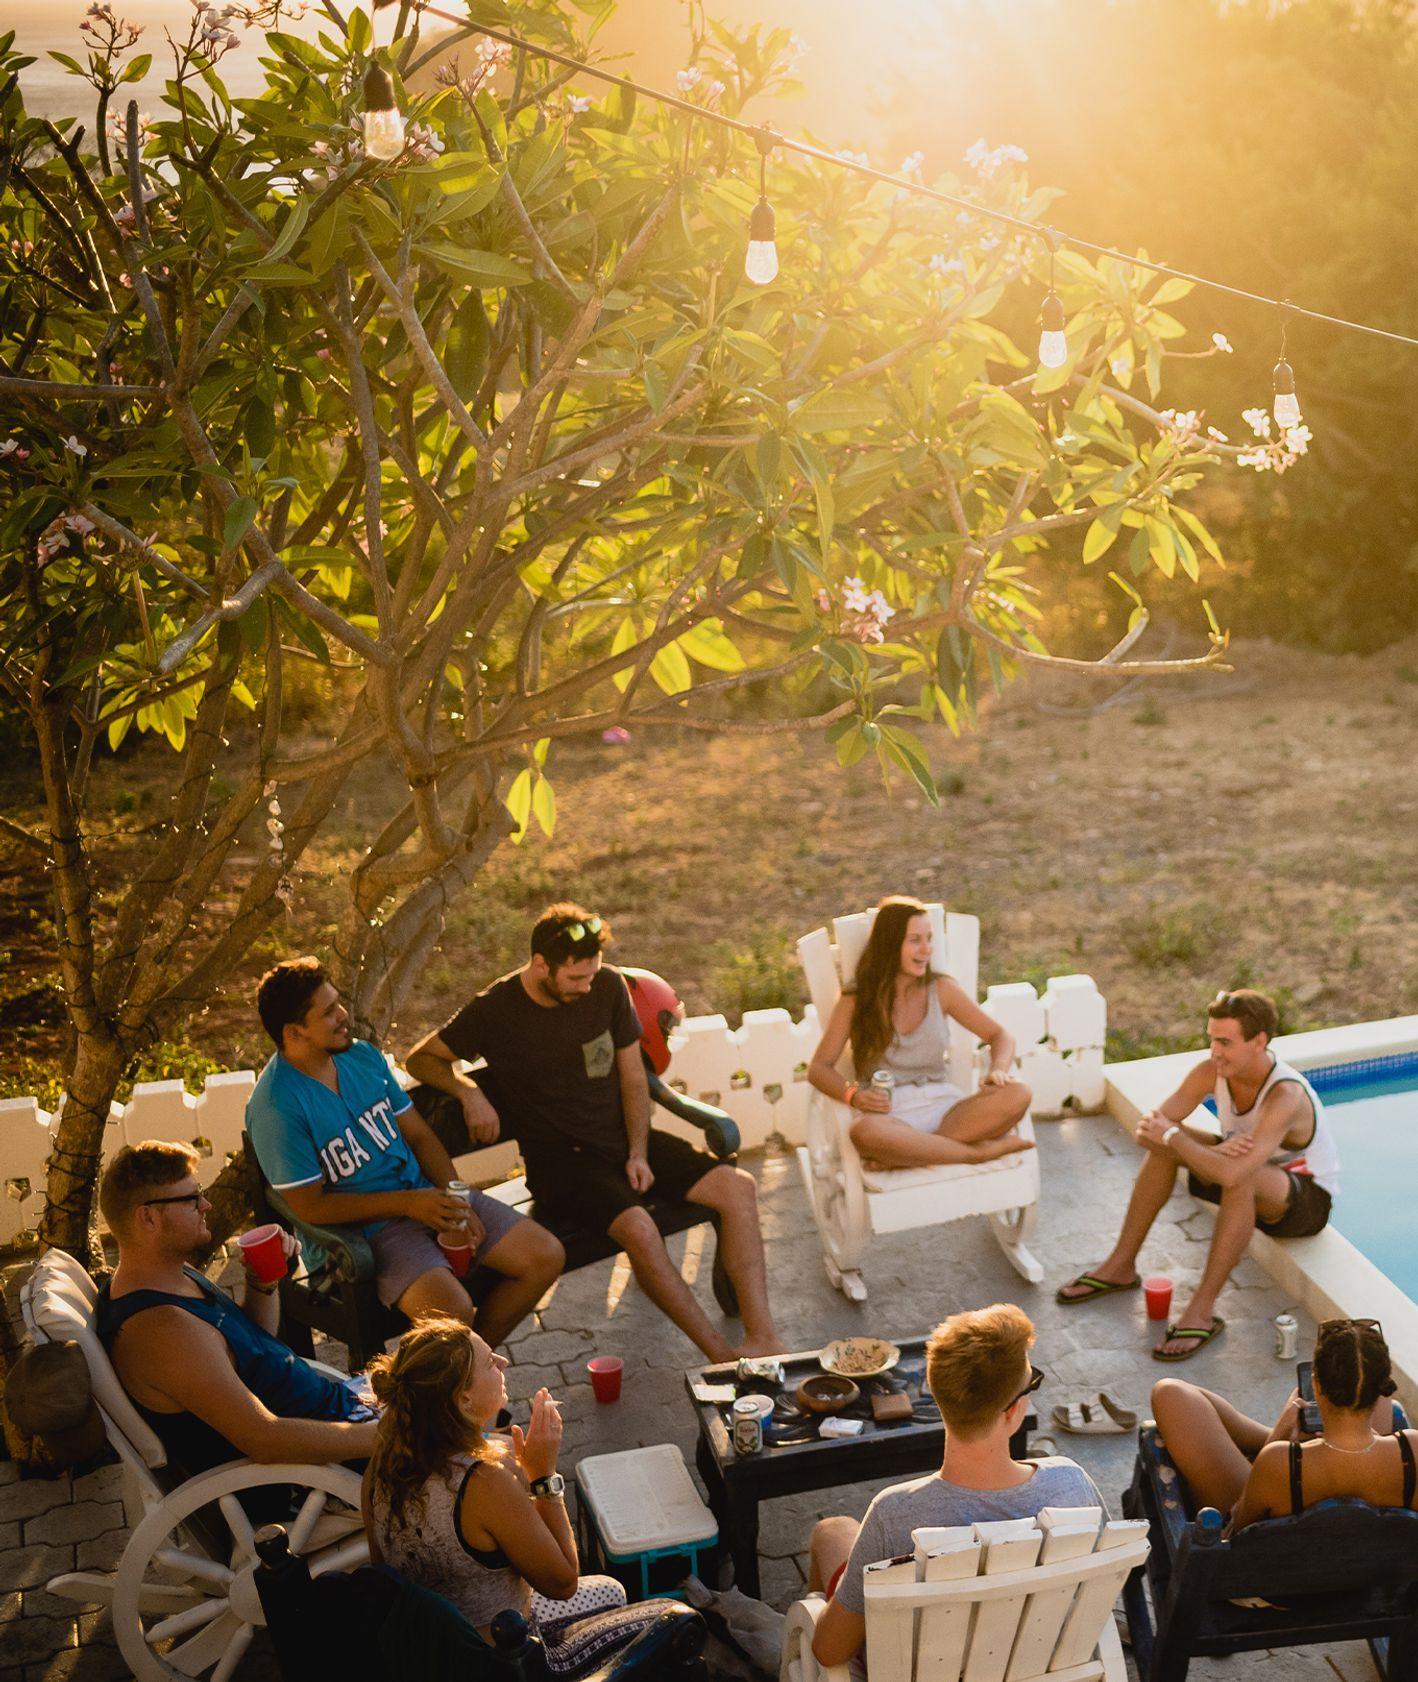 Przyjaciele letnim wieczorem na domówce przy basenie (fot. Eric Nopanen / unsplash.com)